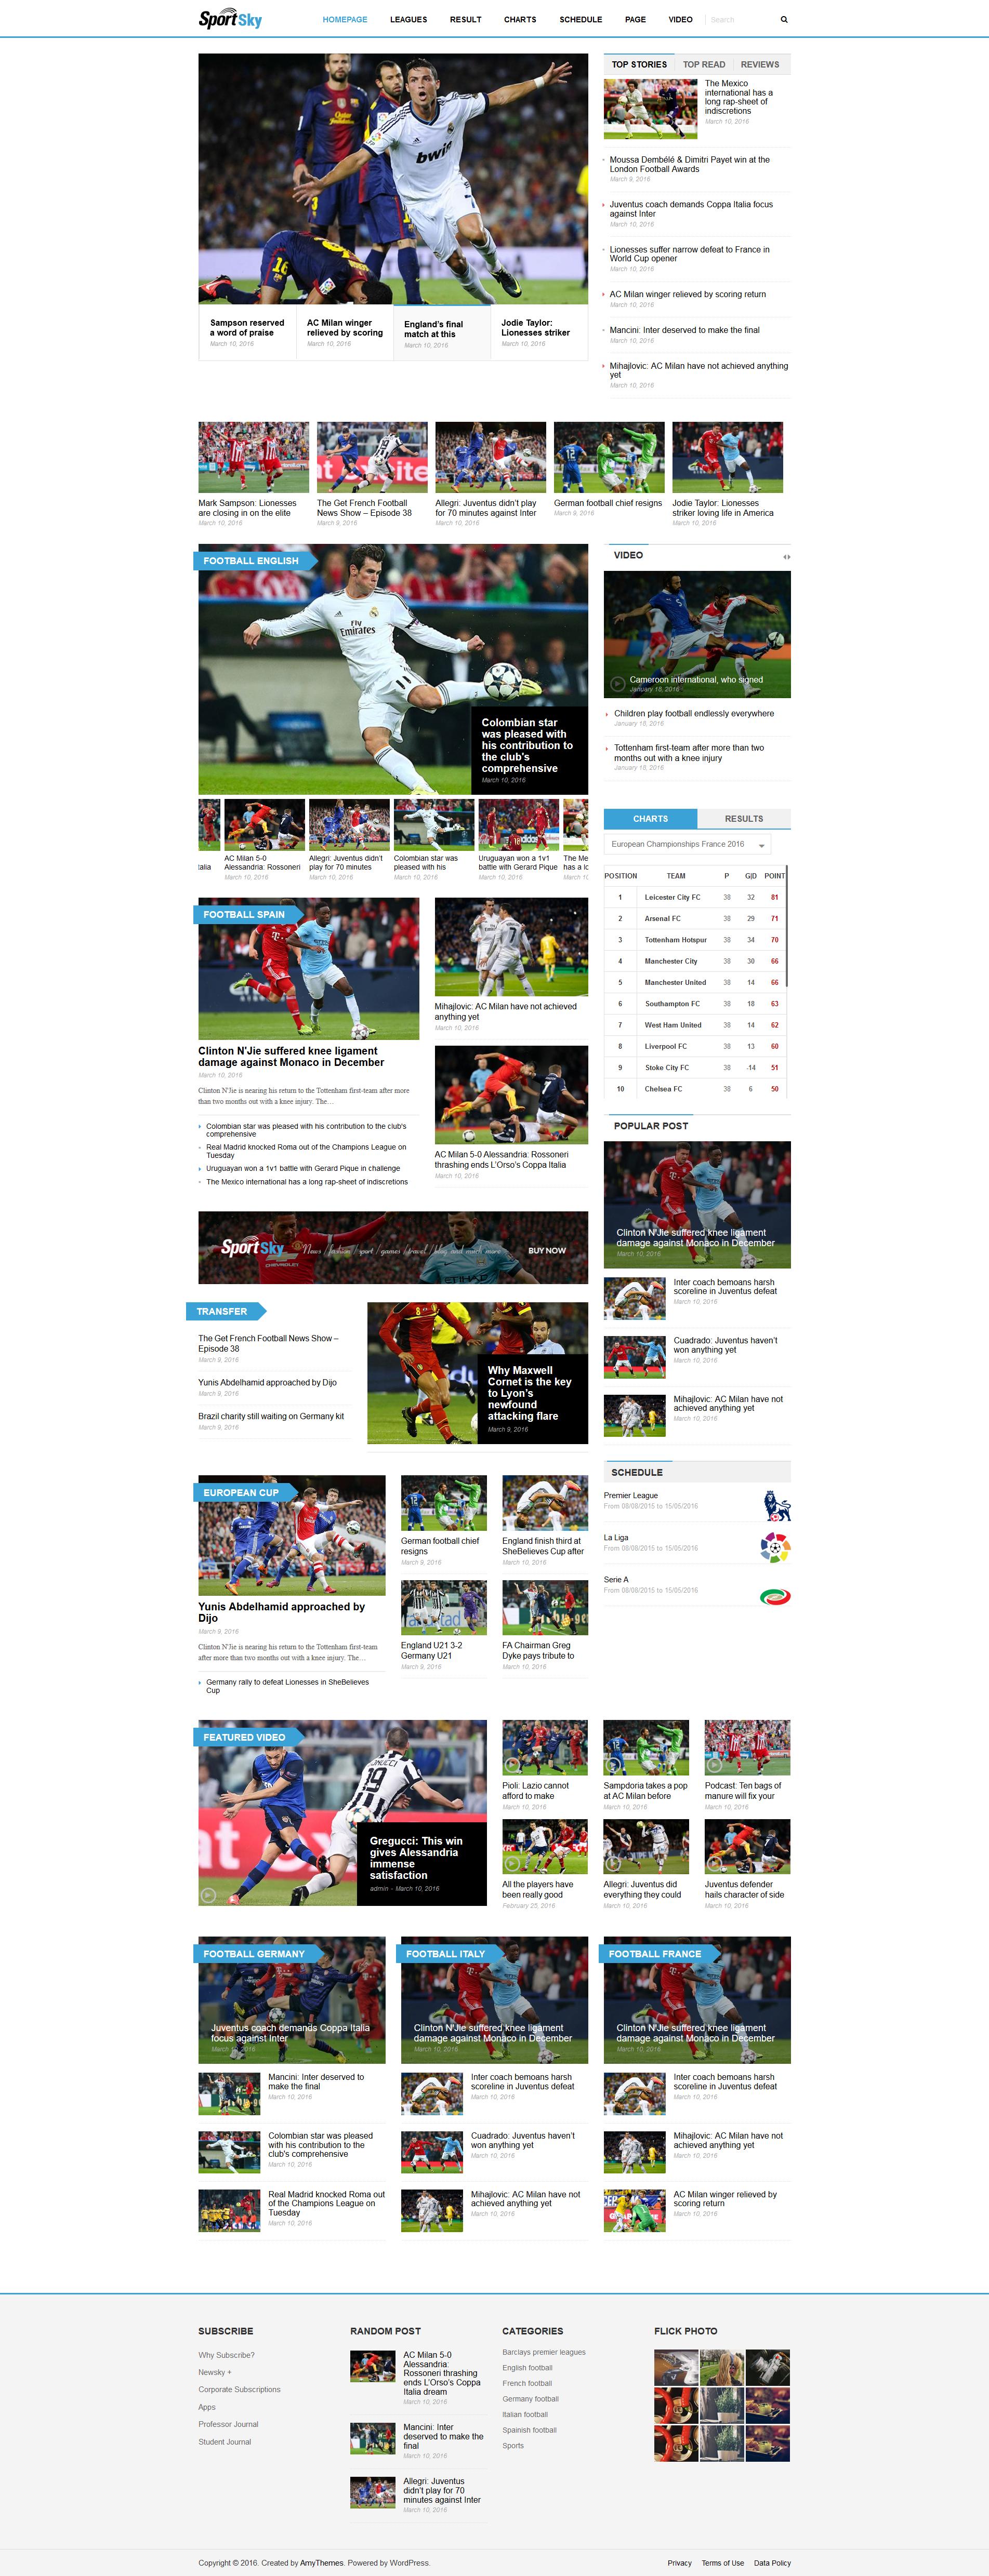 Google chrome themes juventus - Amynews News Magazine Fashion Game Sport Theme